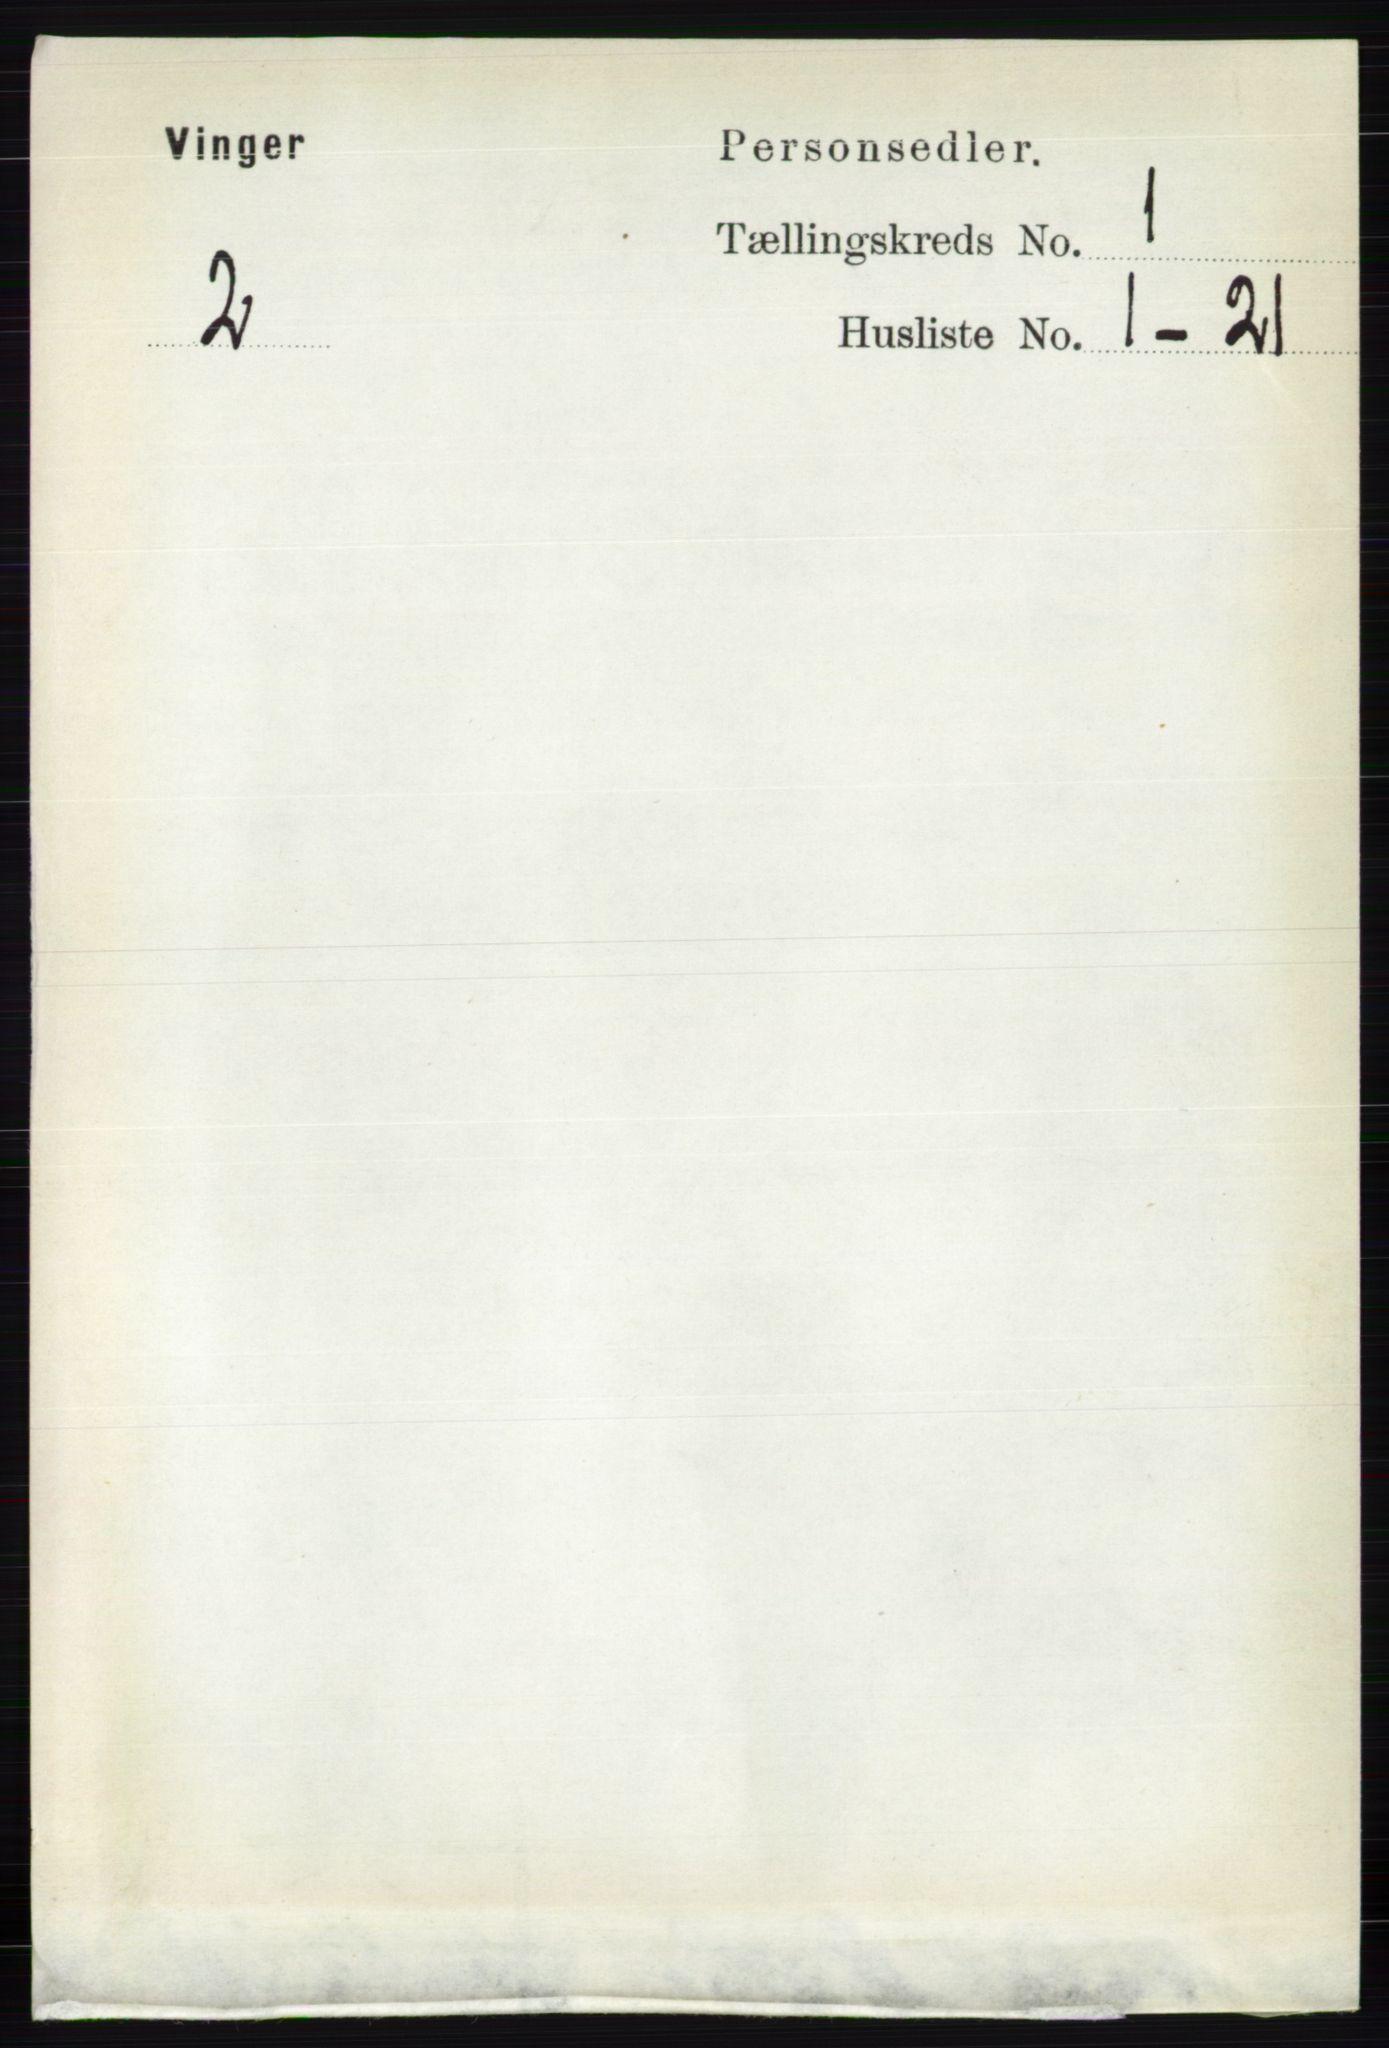 RA, Folketelling 1891 for 0421 Vinger herred, 1891, s. 90